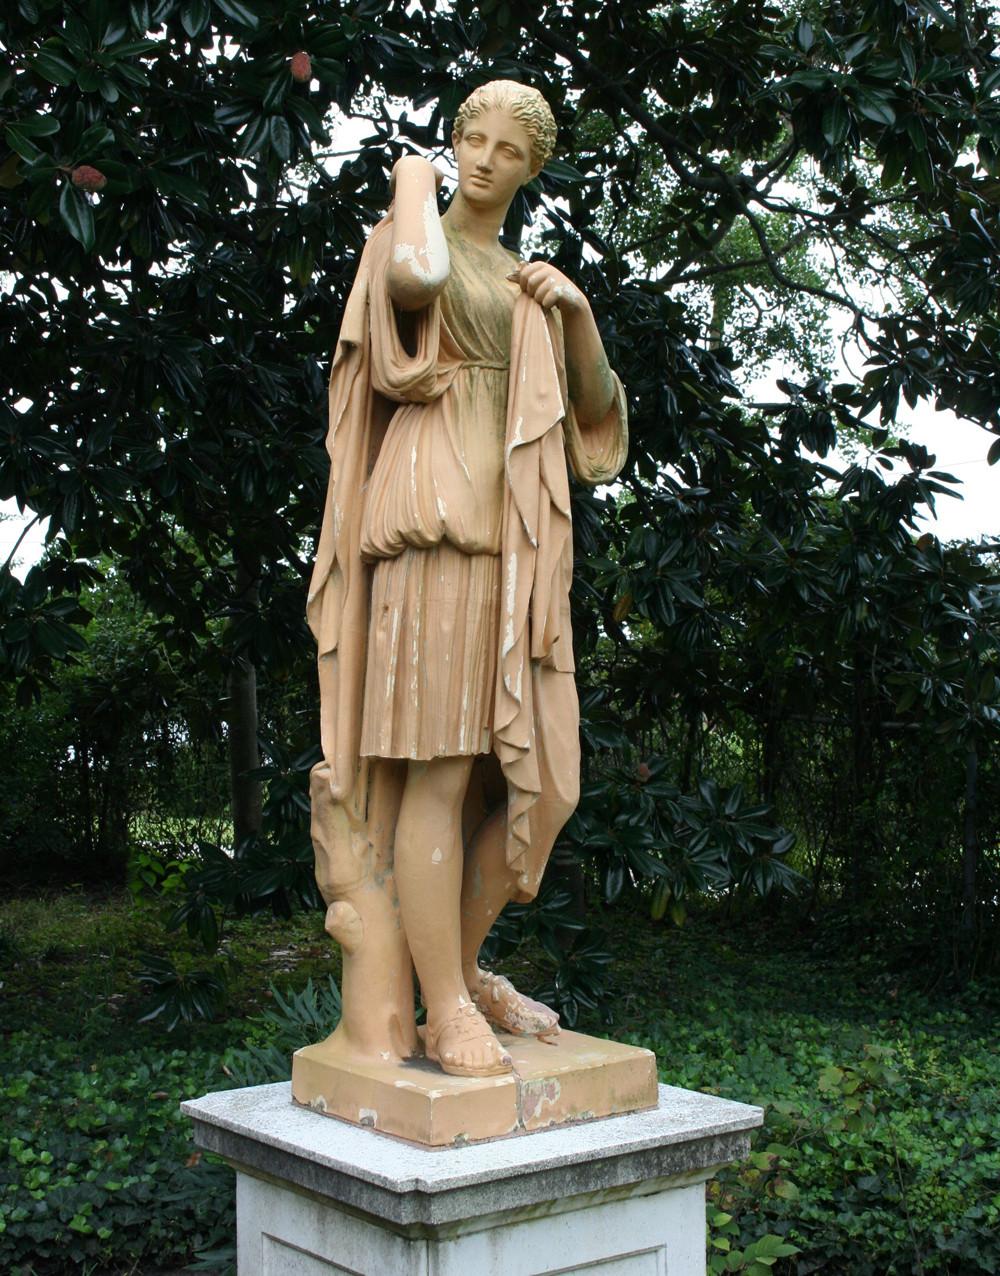 garden_statue_sculpture_terracotta4444.jpg